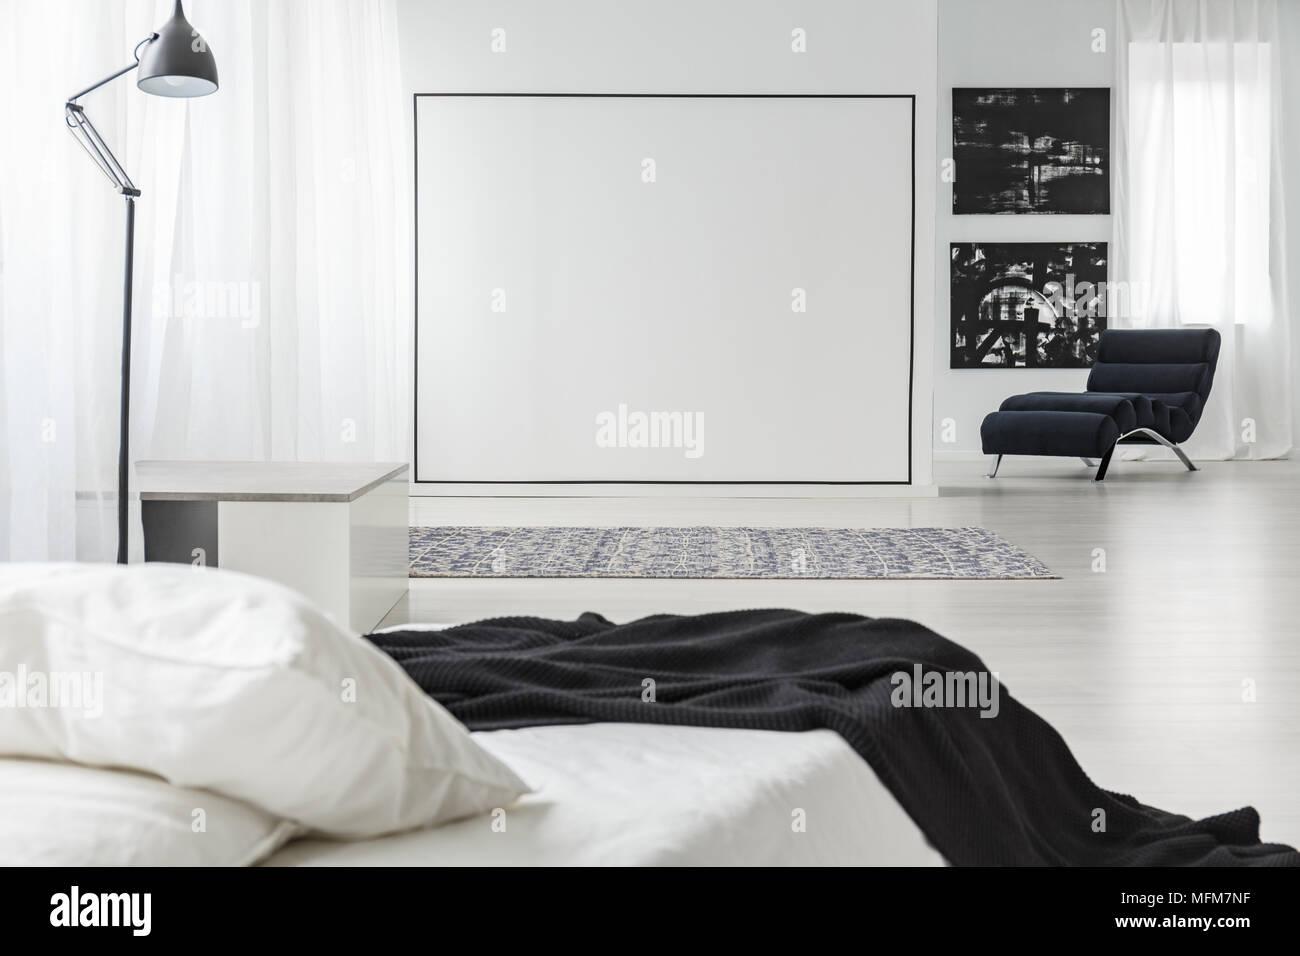 Schwarzes Quadrat Dekoration Auf Einer Weißen Wand In Minimalistischen  Schlafzimmer Innenraum Mit Lampe, Gemälde Und Bed